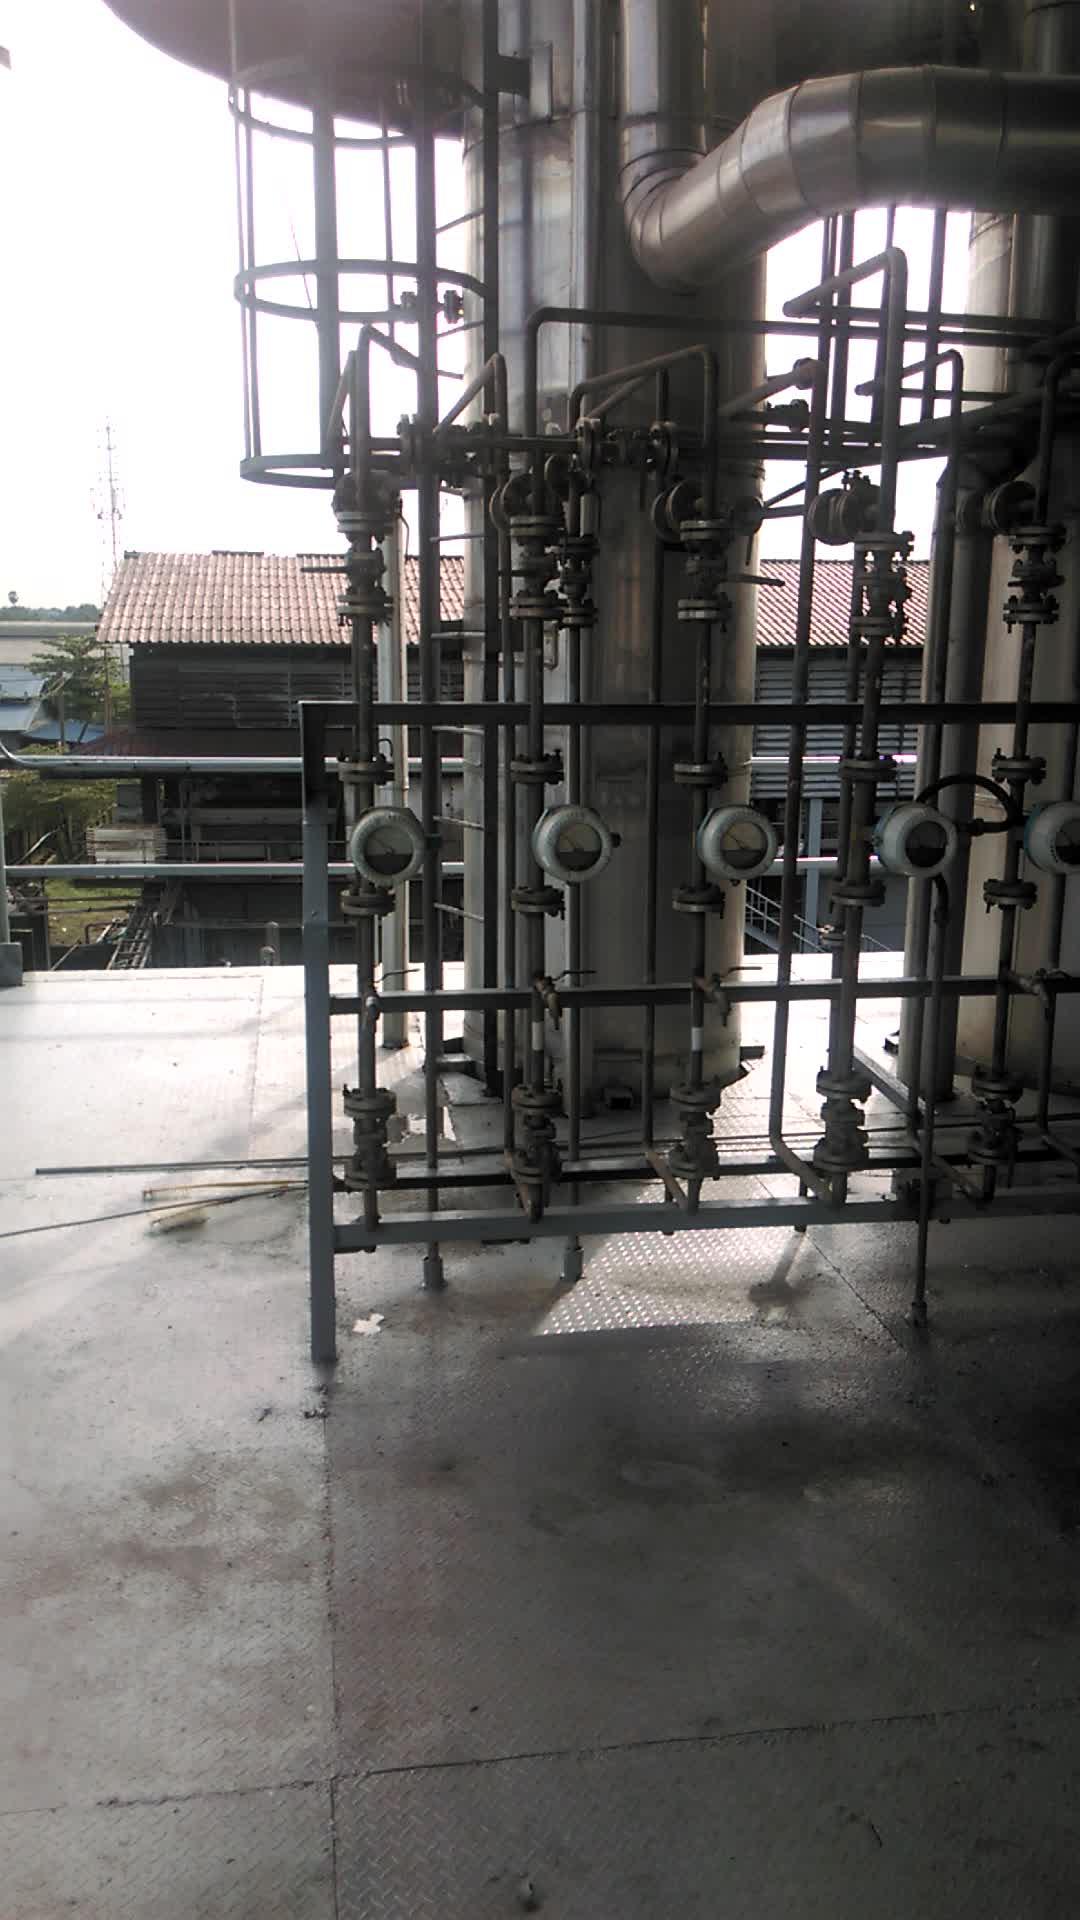 Risheng 95%-99.9% साधारण बेहतर इथेनॉल शराब उपकरण आसवन स्तंभ स्टेनलेस स्टील टॉवर